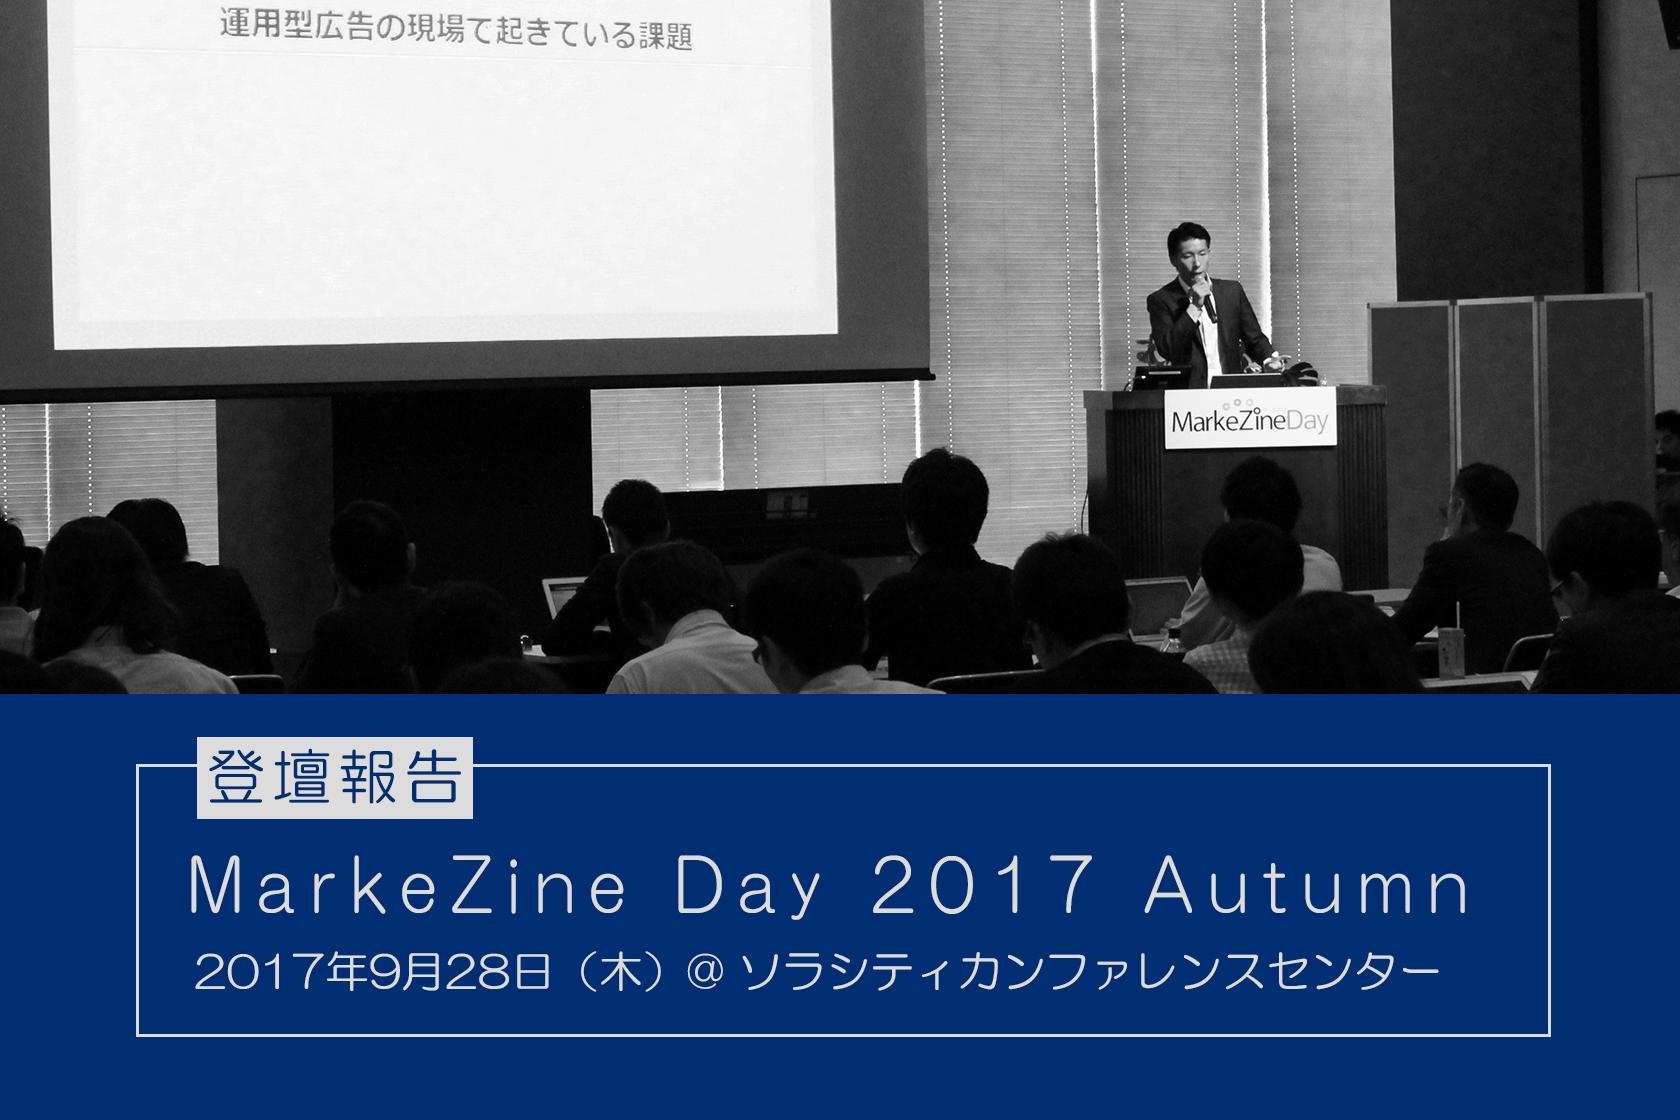 『MarkeZine Day 2017 Autumn』に登壇しました